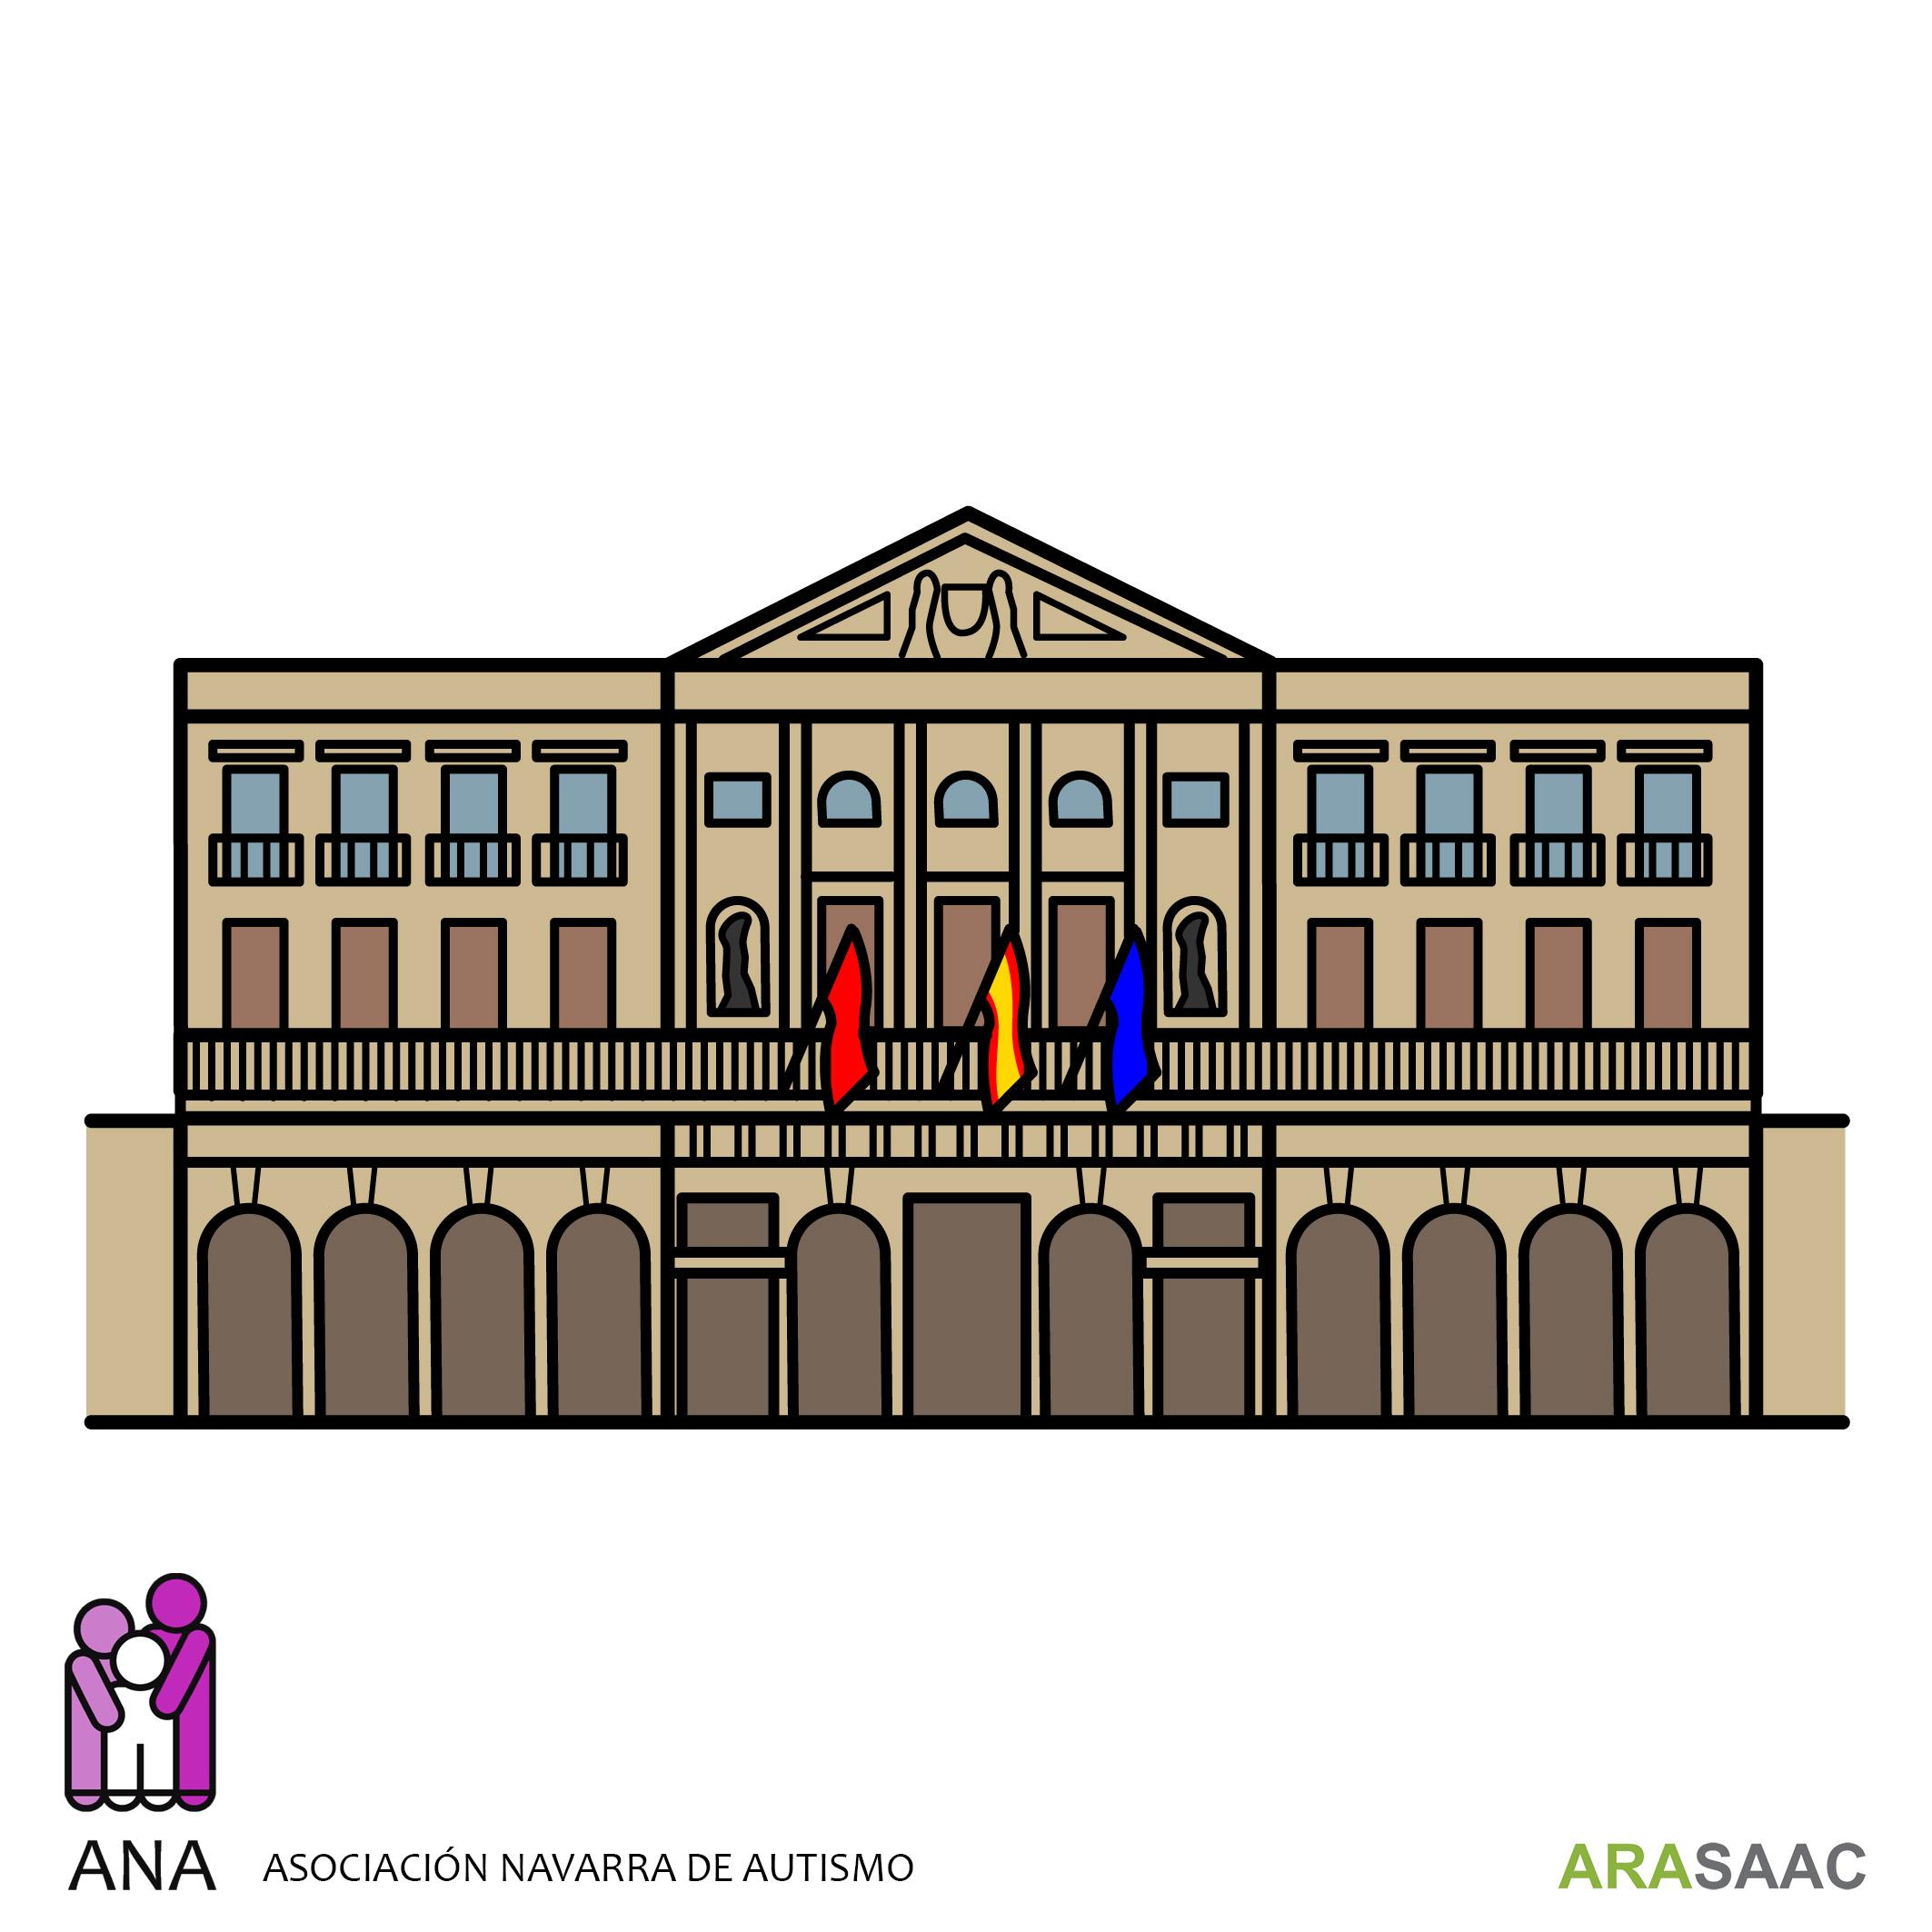 El Gobierno de Navarra colocar en sus edificios ms de 600